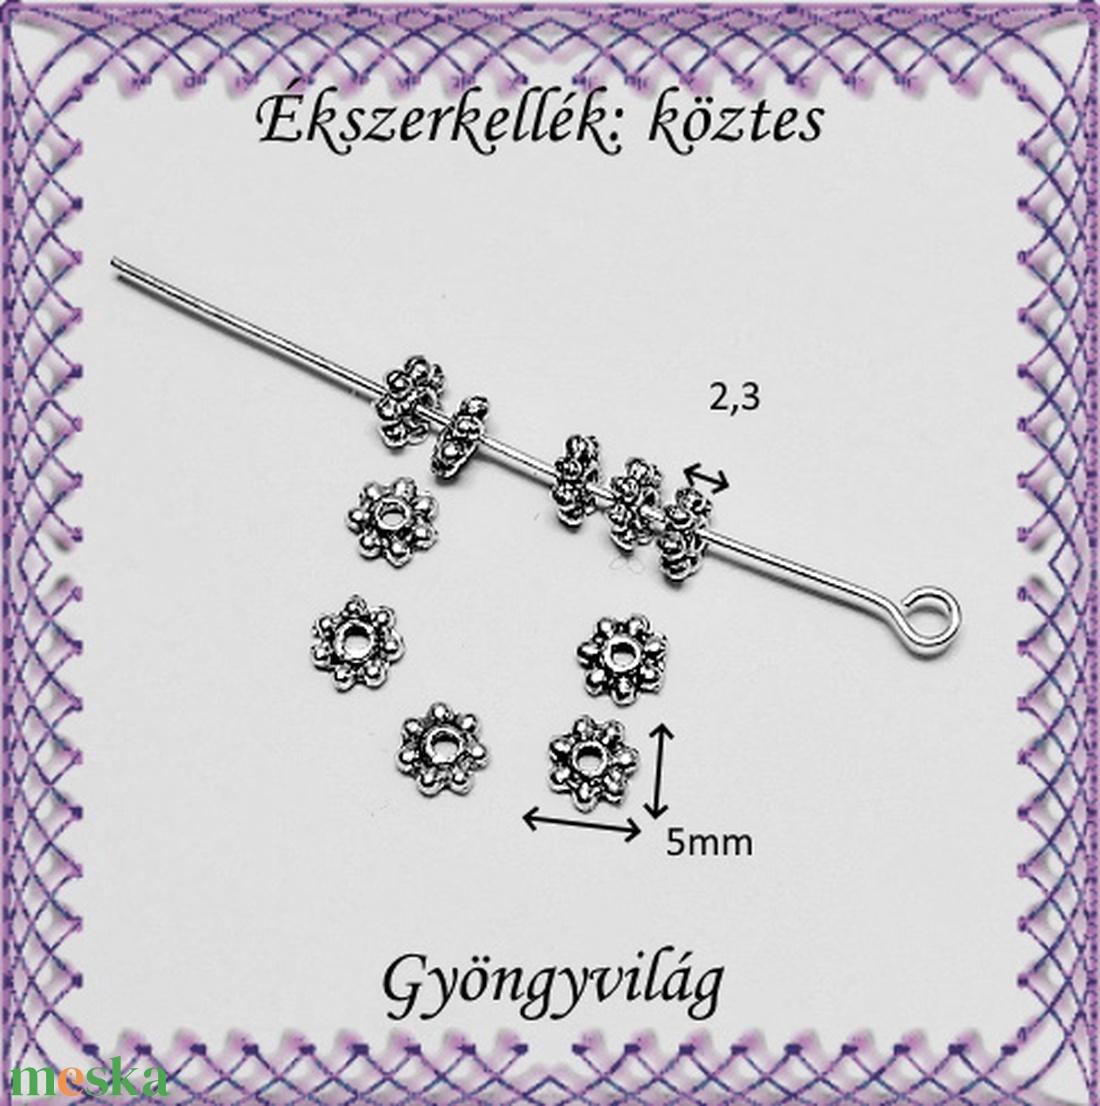 Ékszerkellék: köztes / díszítőelem / gyöngy BKÖ 1S 20-5e 15db/csomag - gyöngy, ékszerkellék - fém köztesek - Meska.hu